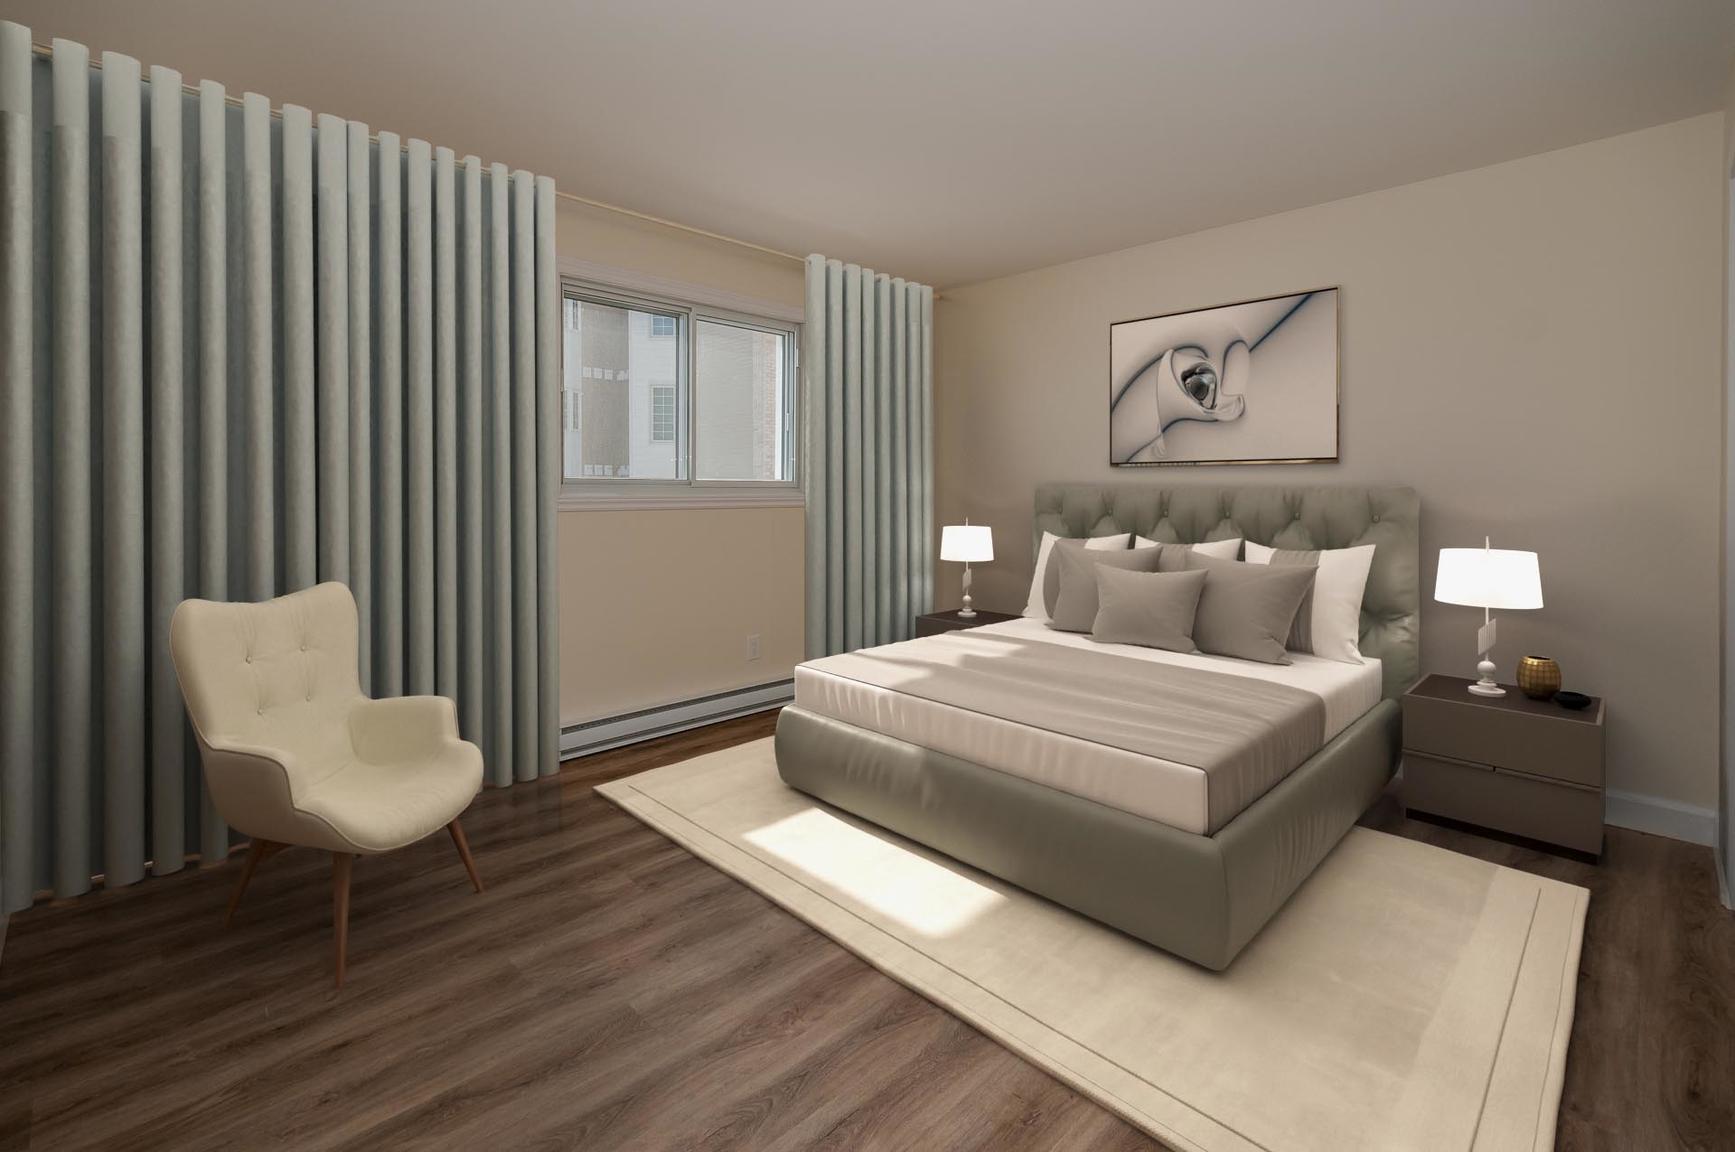 1 bedroom Apartments for rent in Quebec City at Les Appartements du Verdier - Photo 20 - RentersPages – L407123